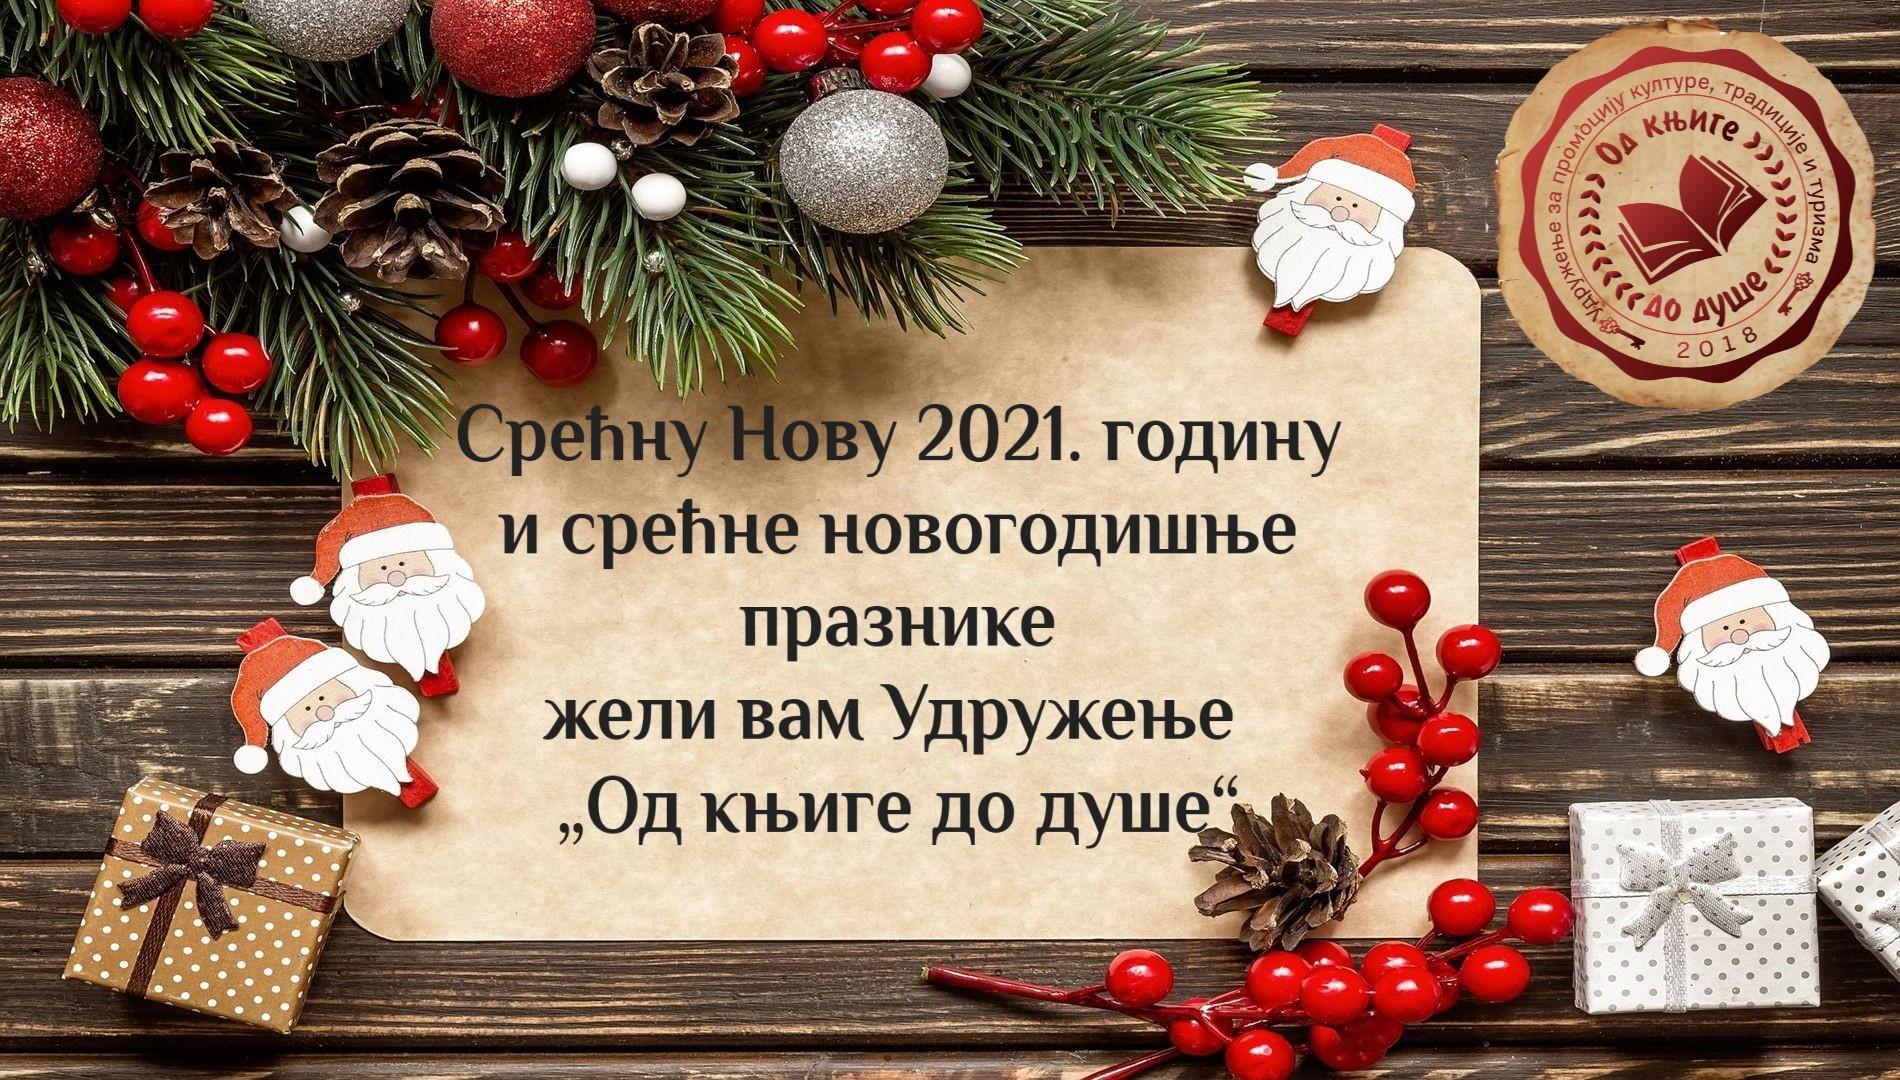 Срећна Нова 2021.